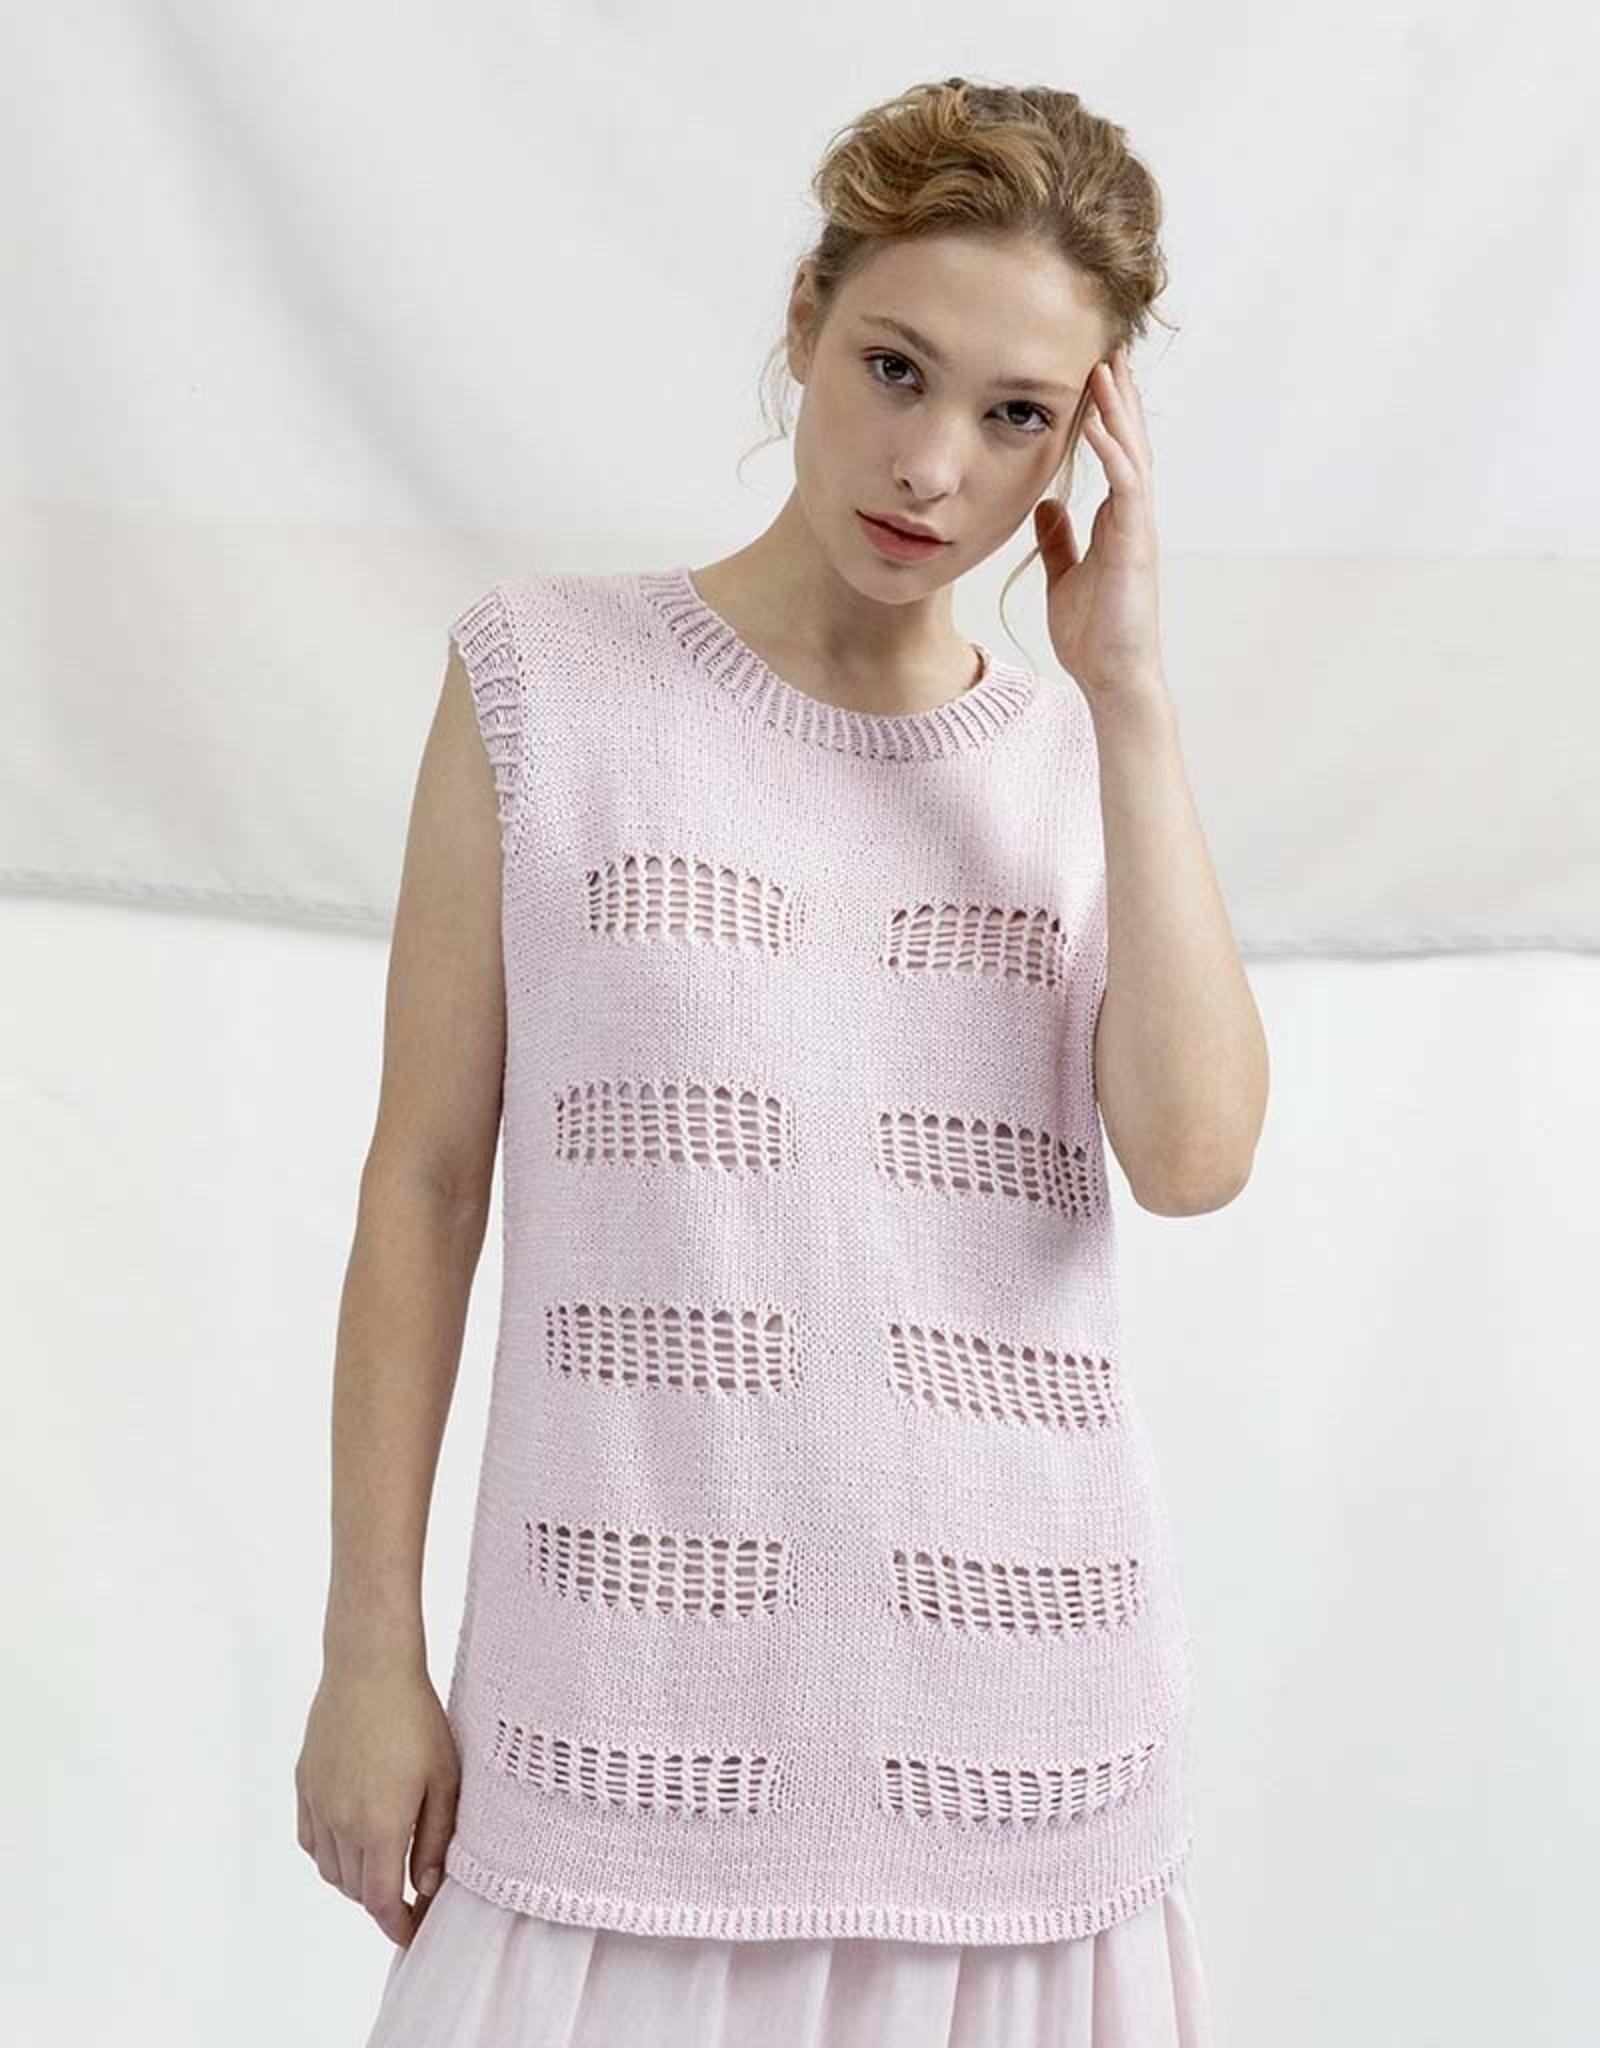 Angels-Knit by FDF Breipakket Top Divina Medium - 09